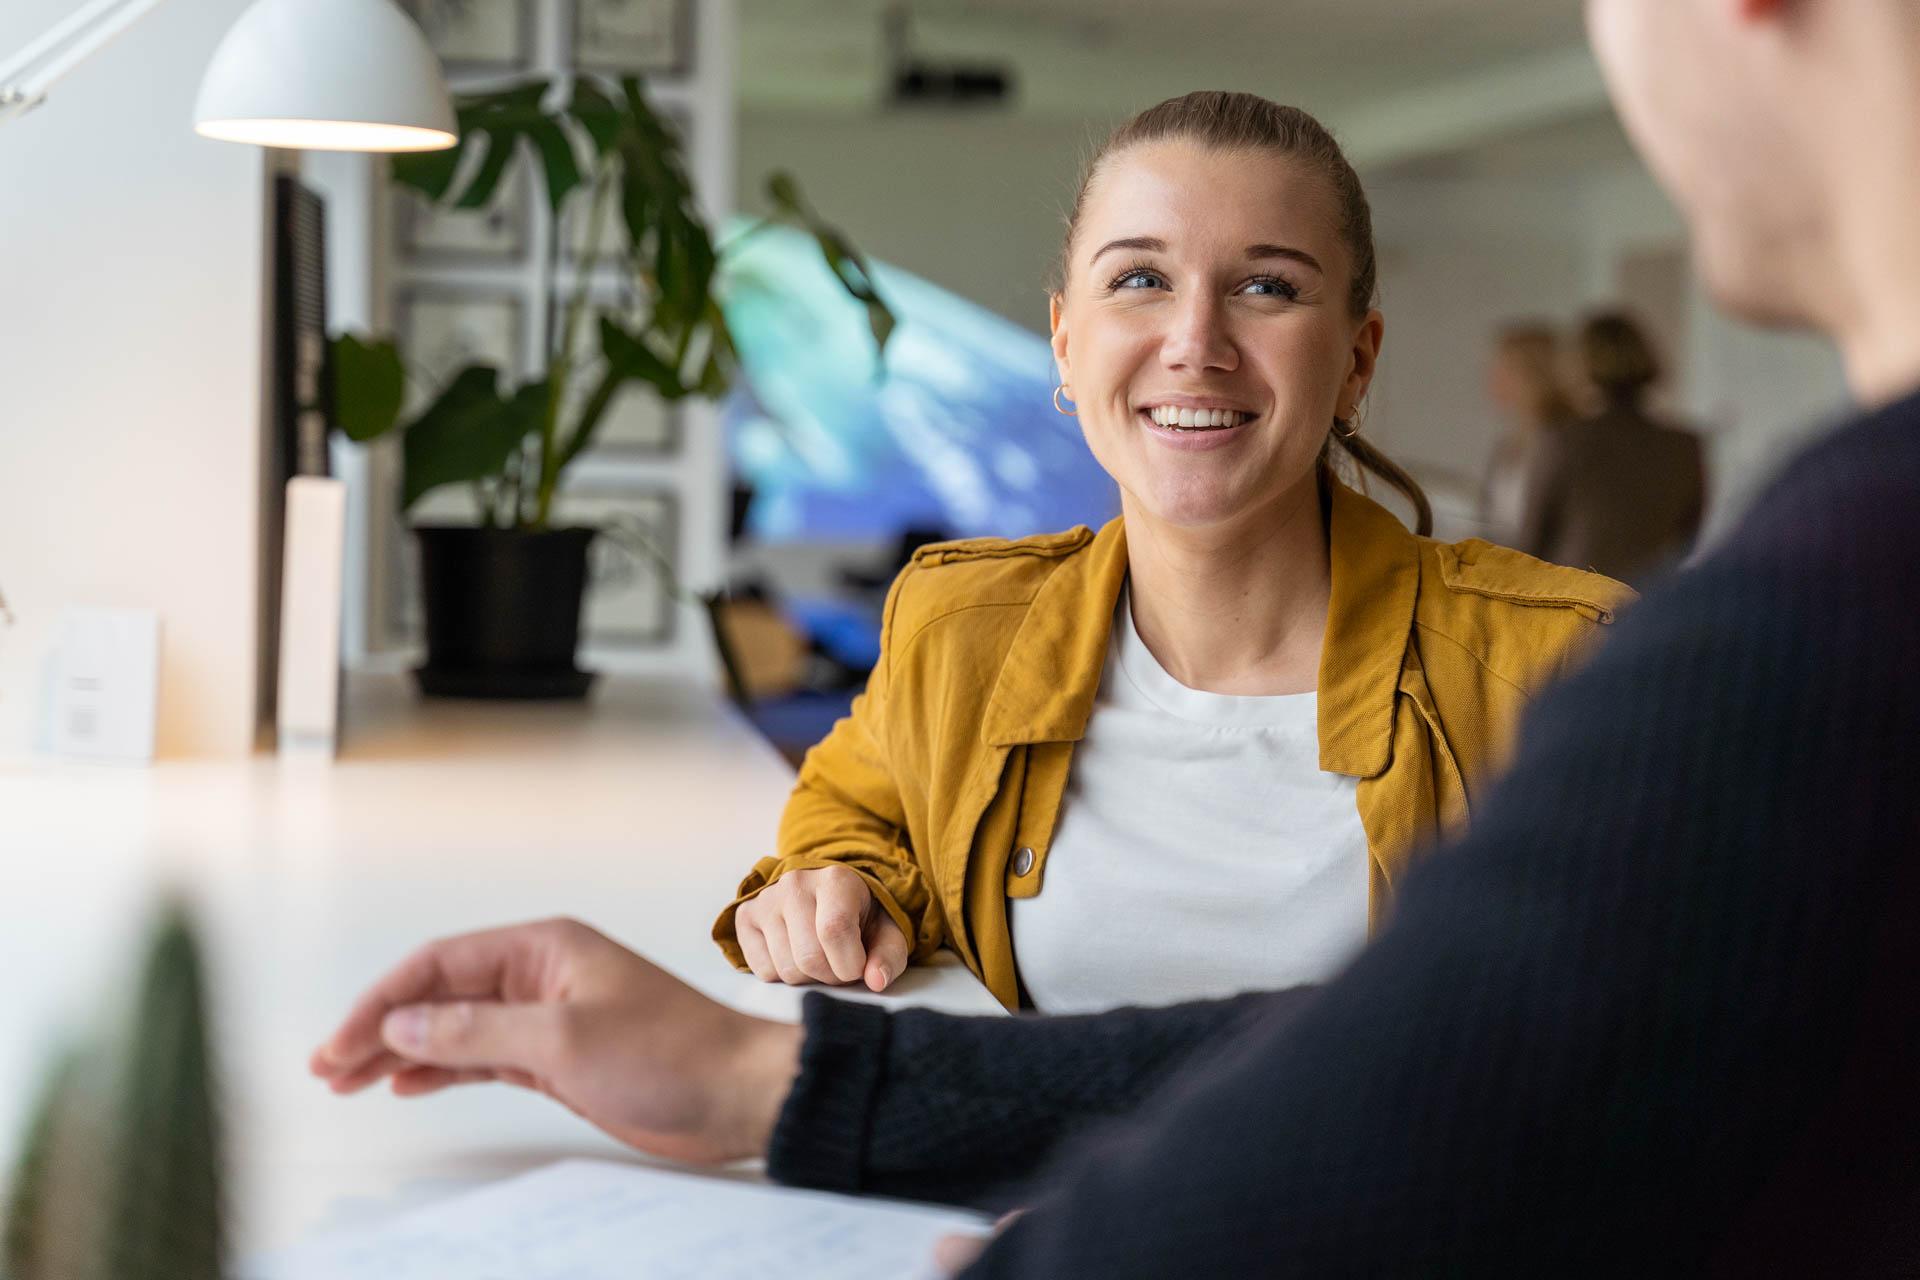 Vi finner riktig kompetanse og får flinke folk til å jobbe bedre sammen på nye måter - RekrutteringLeder- og teamutviklingProsess- og prosjektledelse